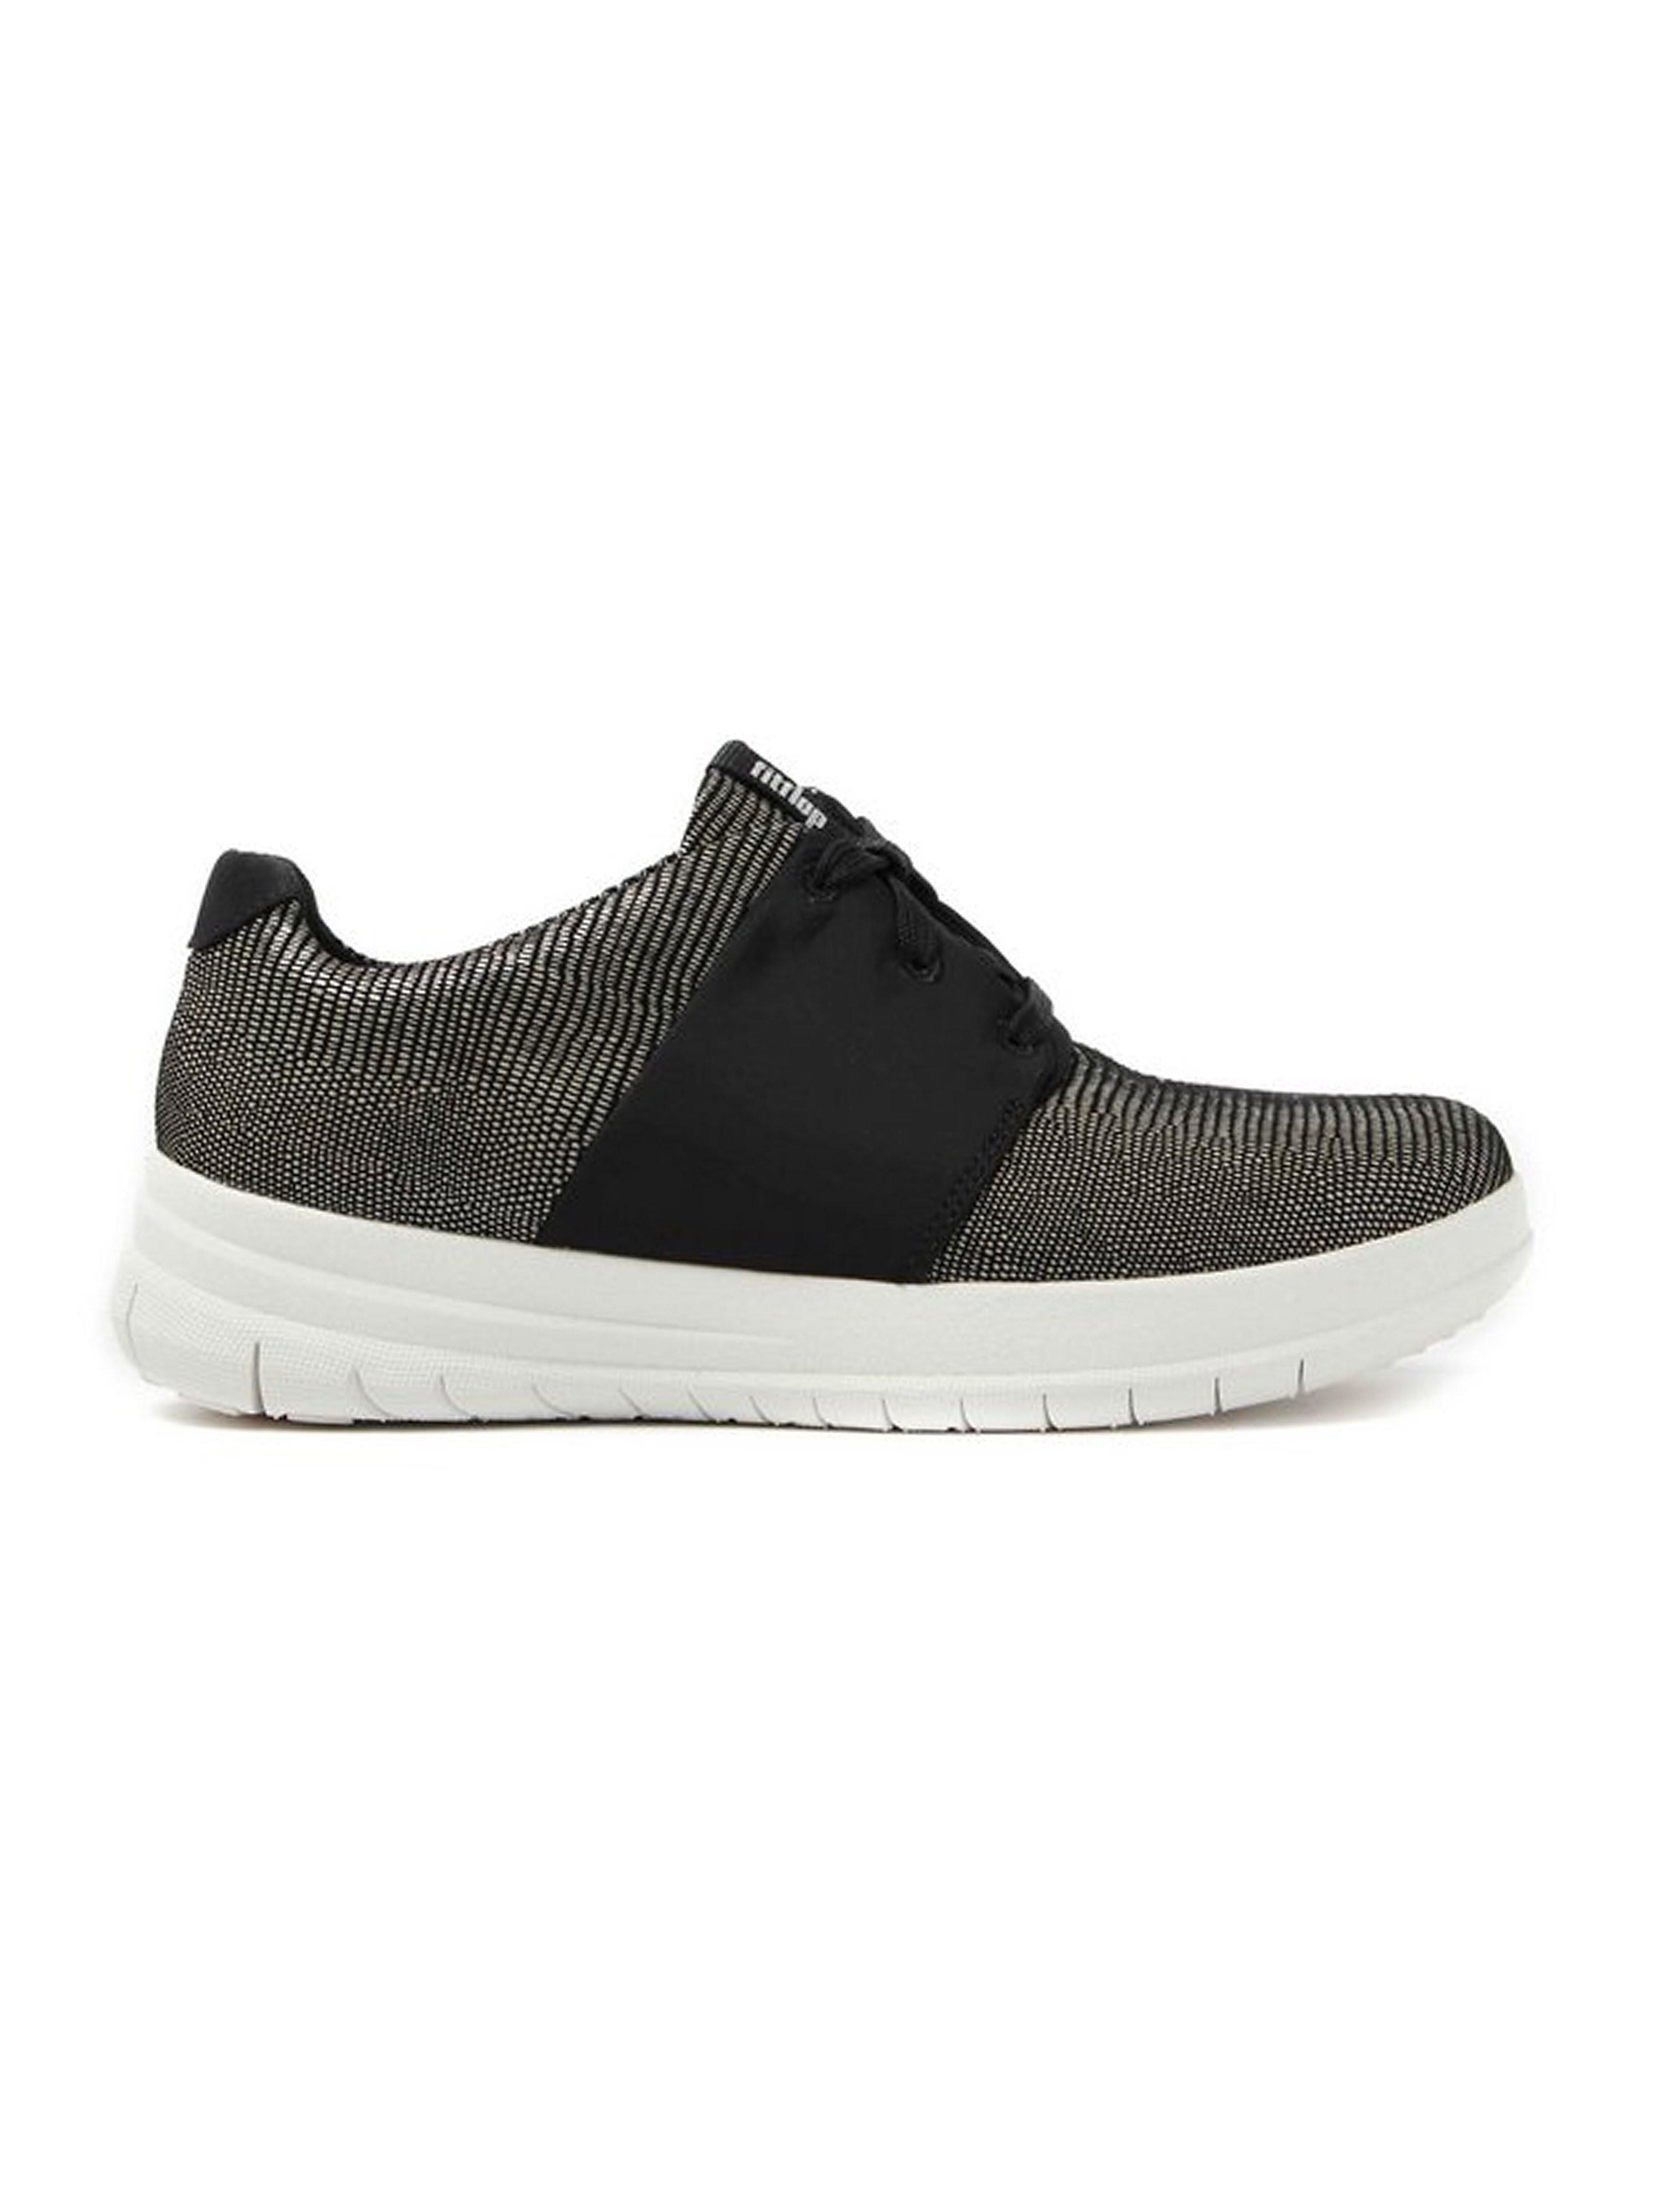 FitFlop Women's Sporty-Pop X Lizard Print Sneakers - Black